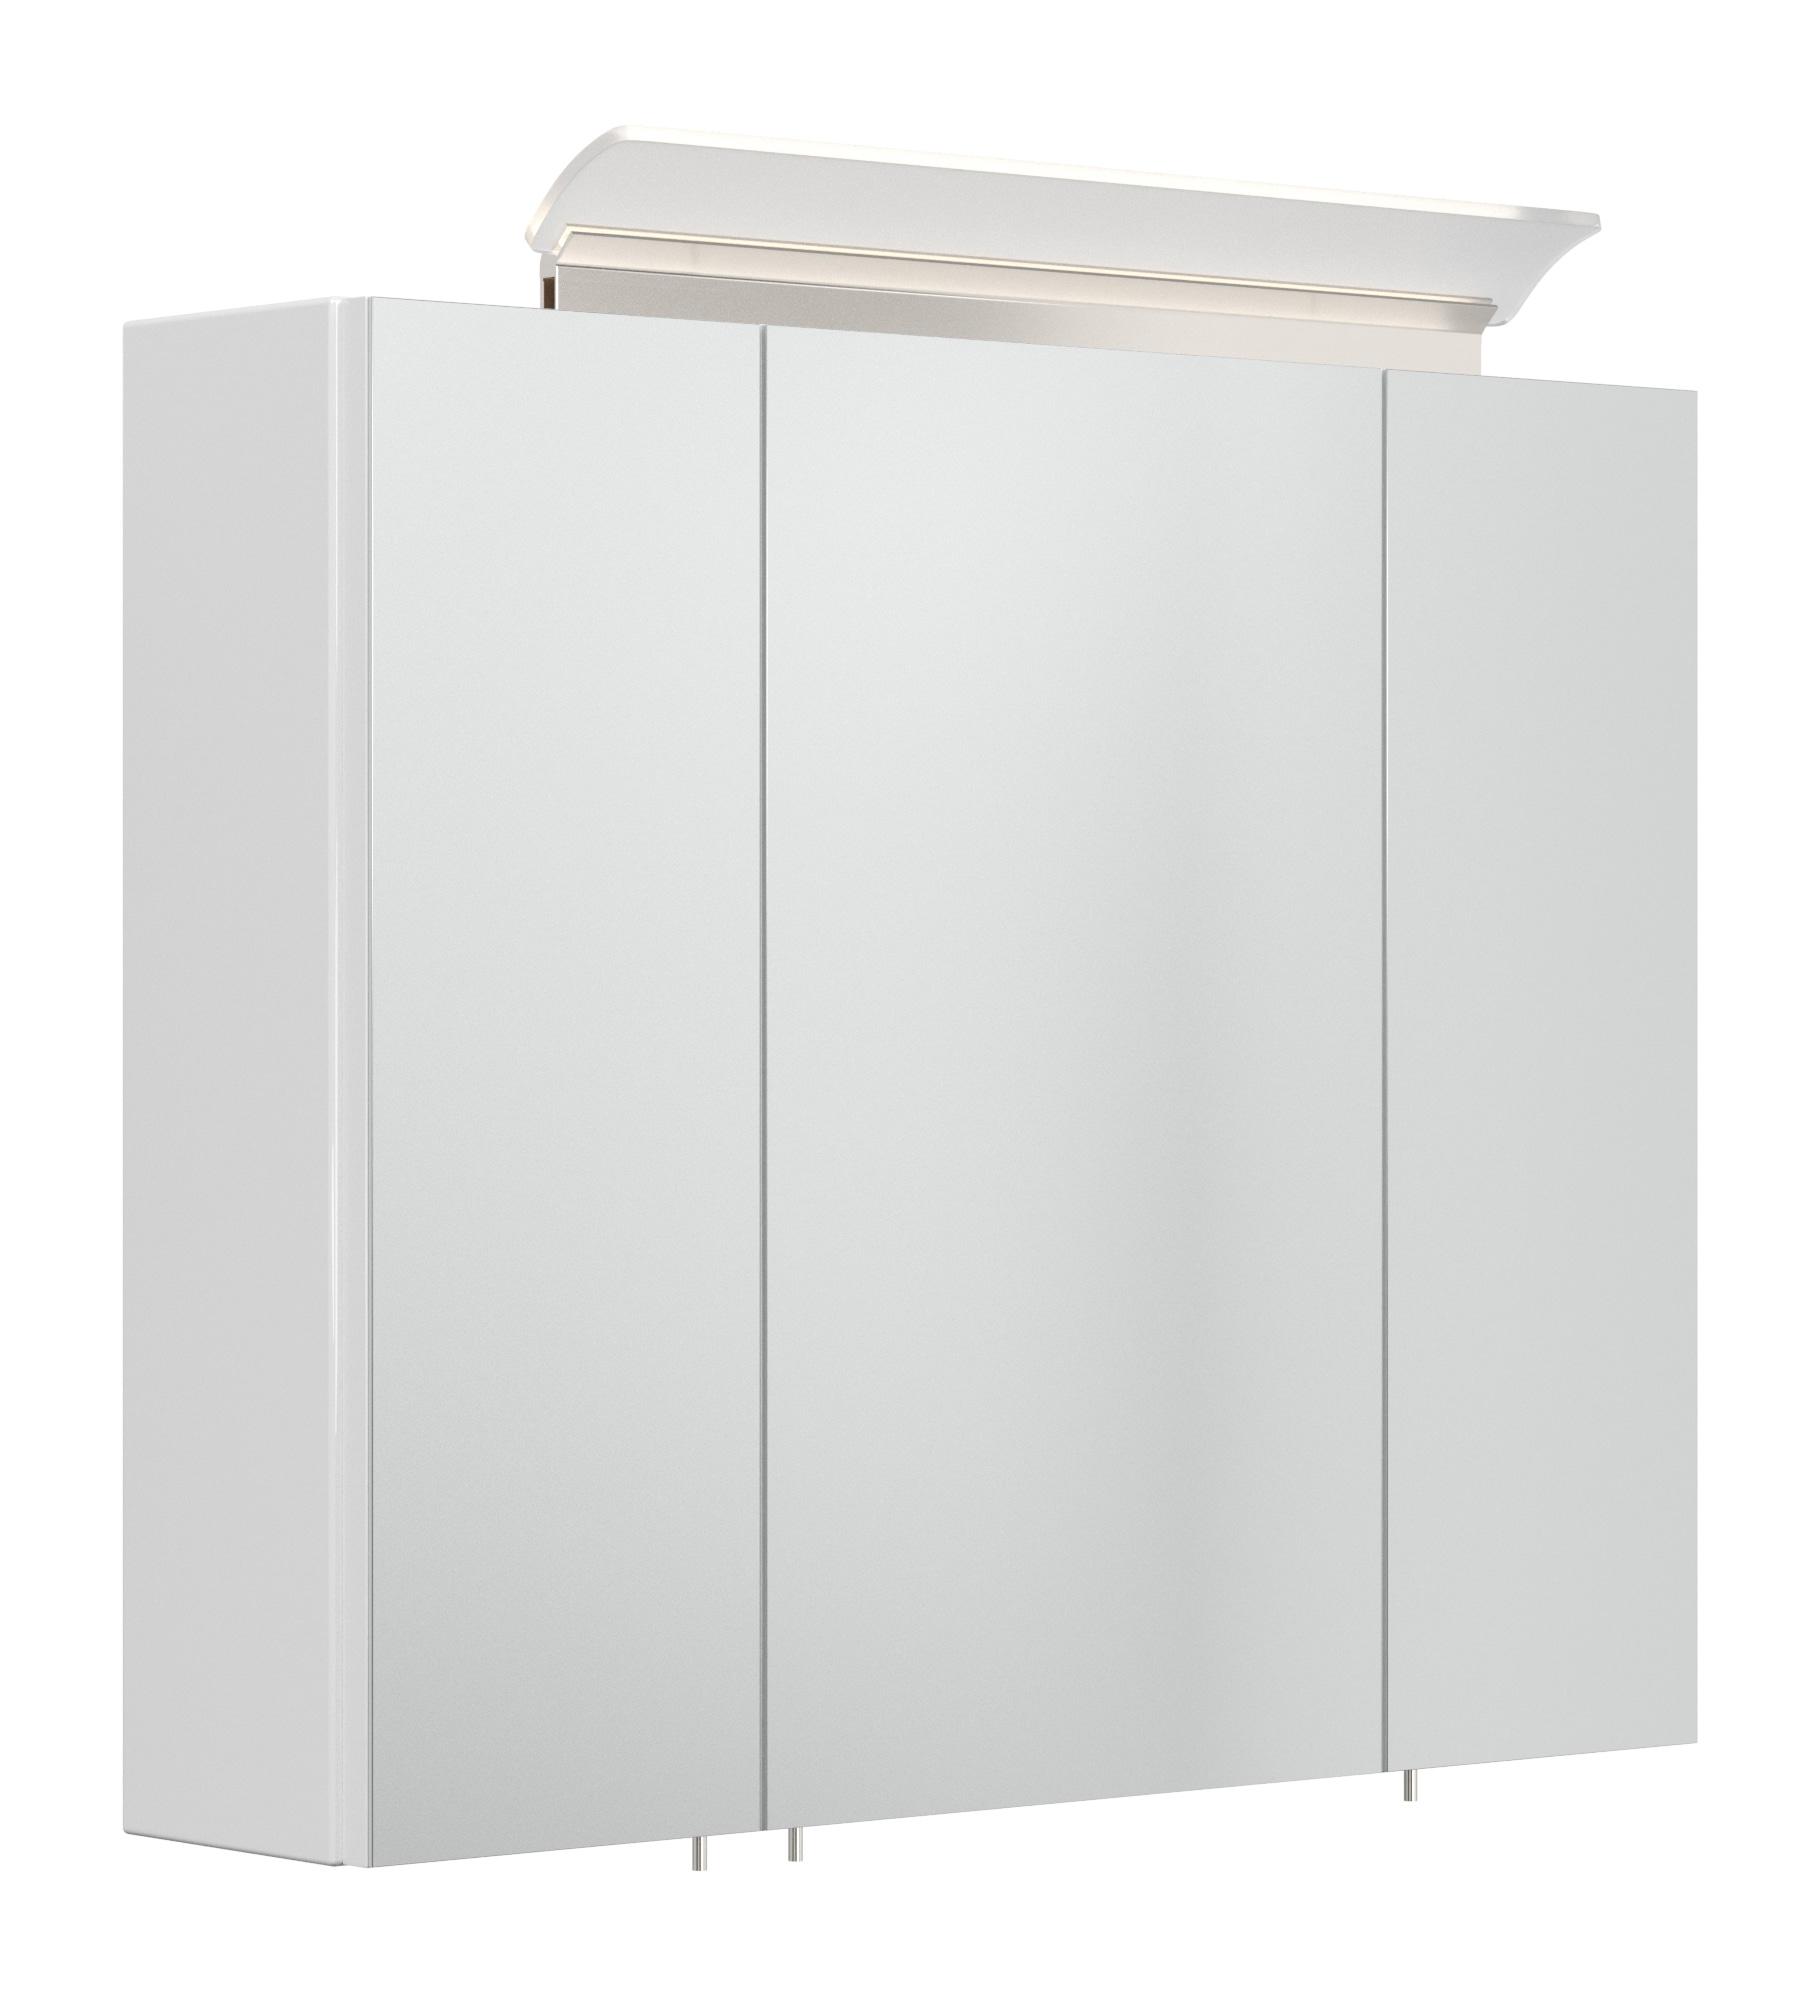 Saniclear Rocky 75cm spiegelkast met design LED verlichting glans wit